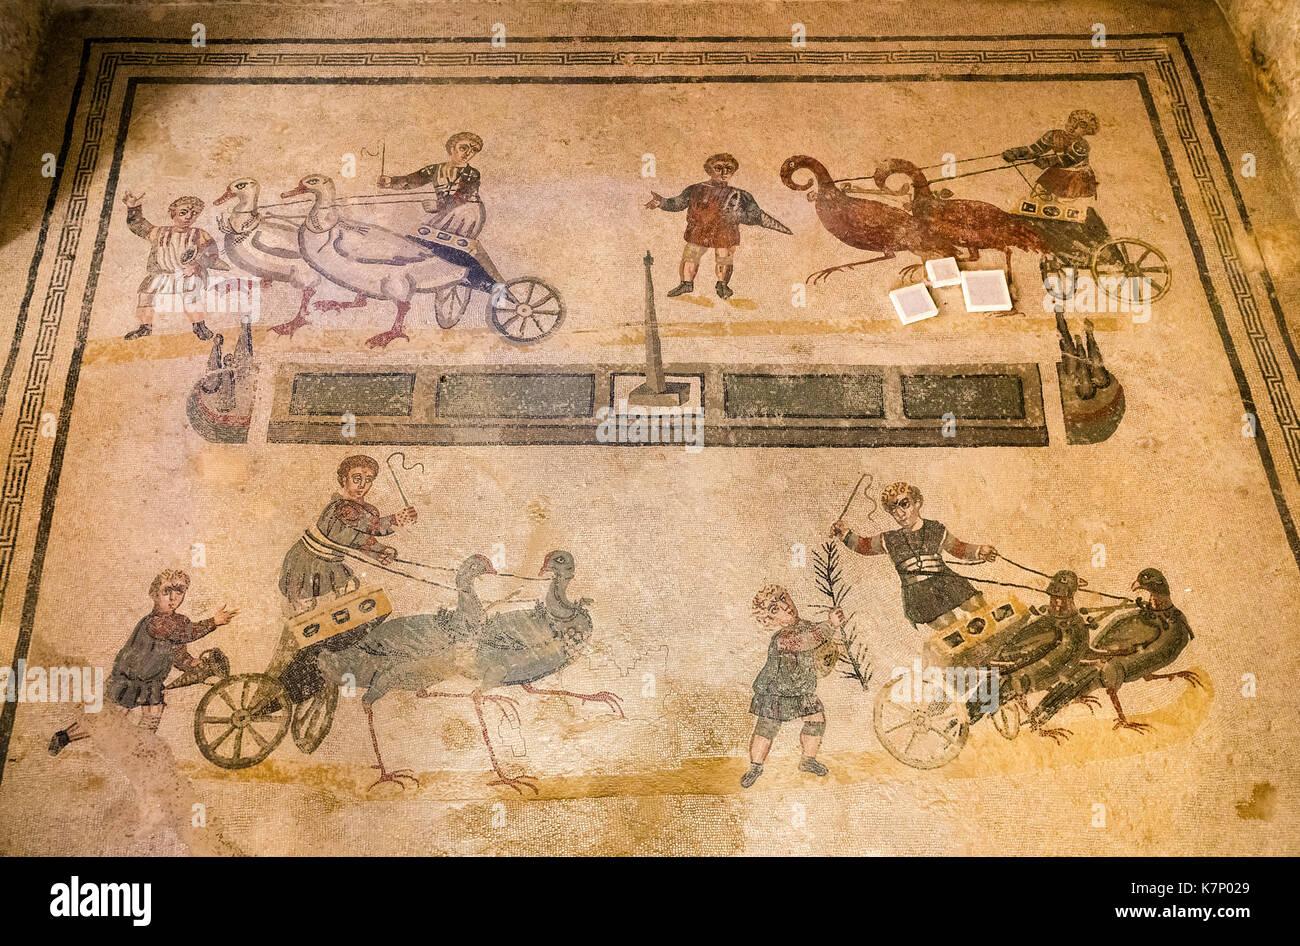 Pram races, antique Roman floor mosaic, Villa Casale, Villa Romana del Casale, Piazza Armerina, Sicily, Italy - Stock Image